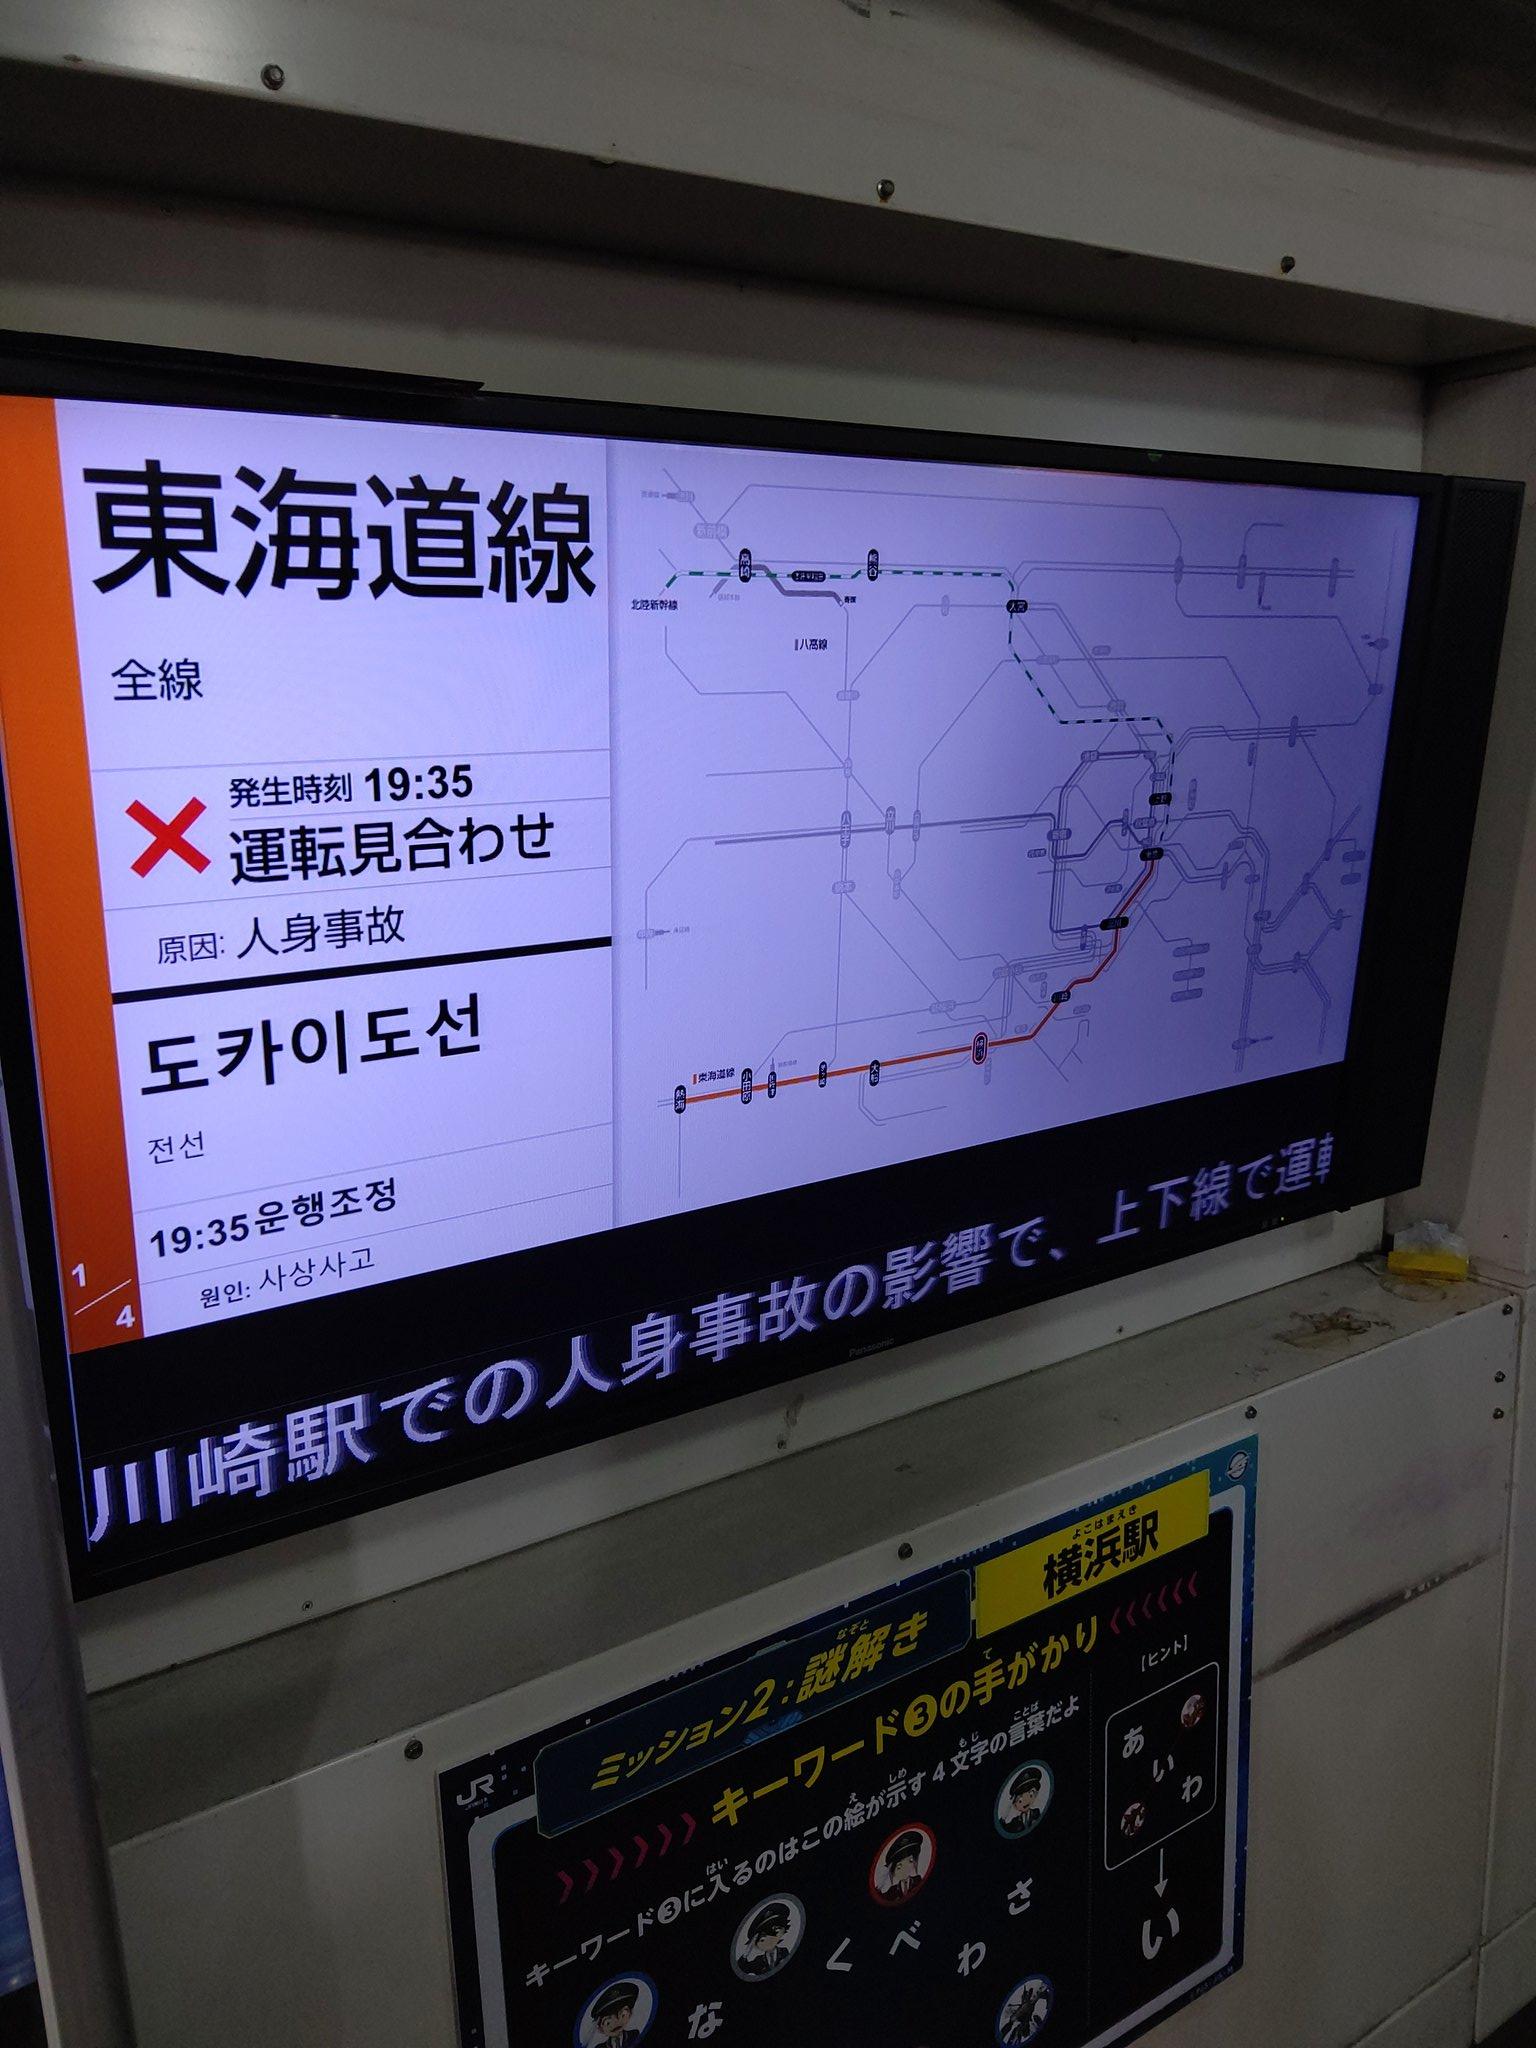 川崎駅の人身事故で東海道線が運転を見合わせている掲示板の画像